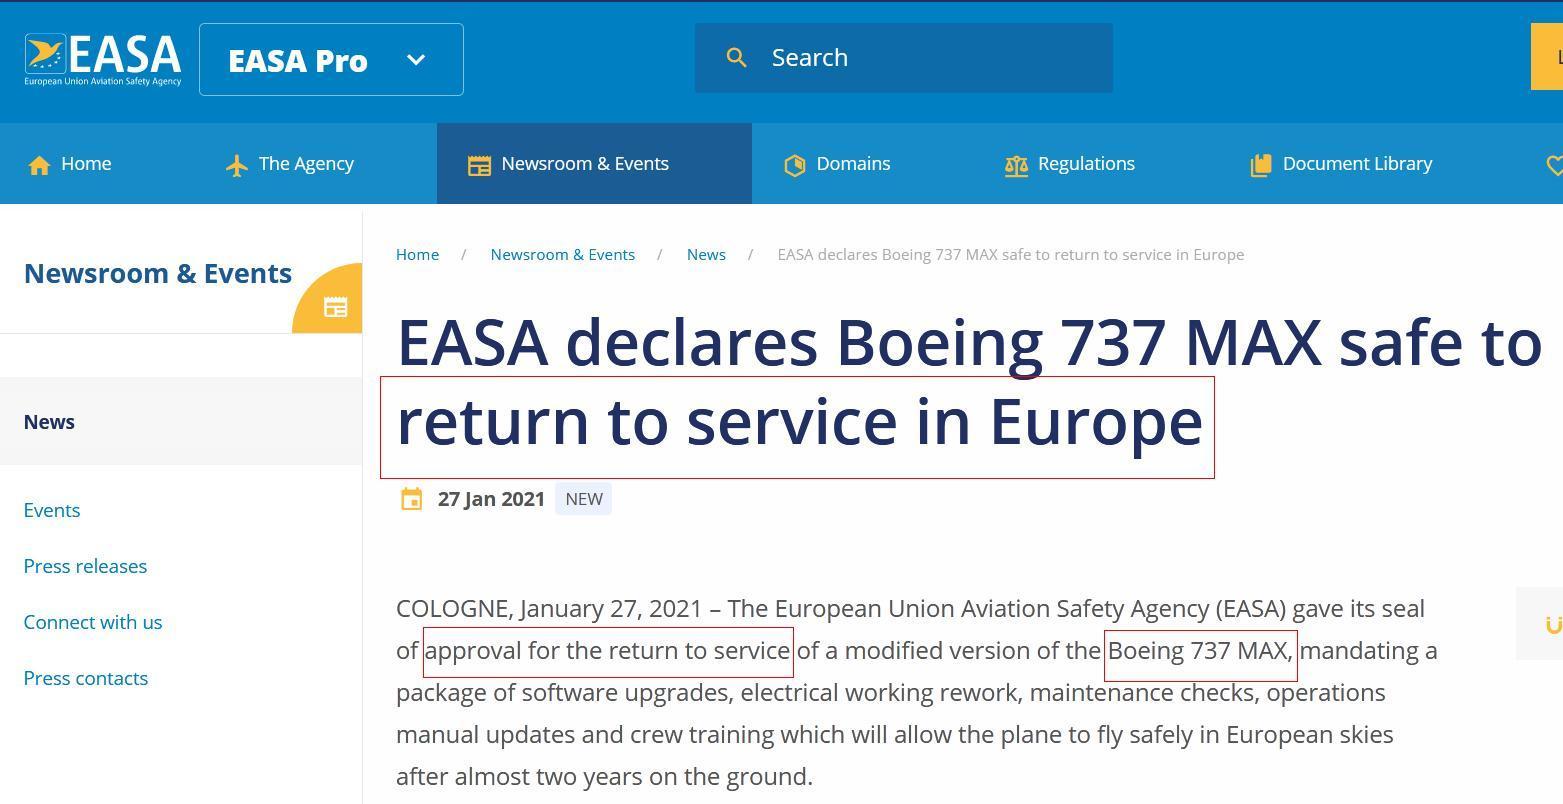 欧洲航空安全局网站宣布 波音737 MAX将在欧洲复飞